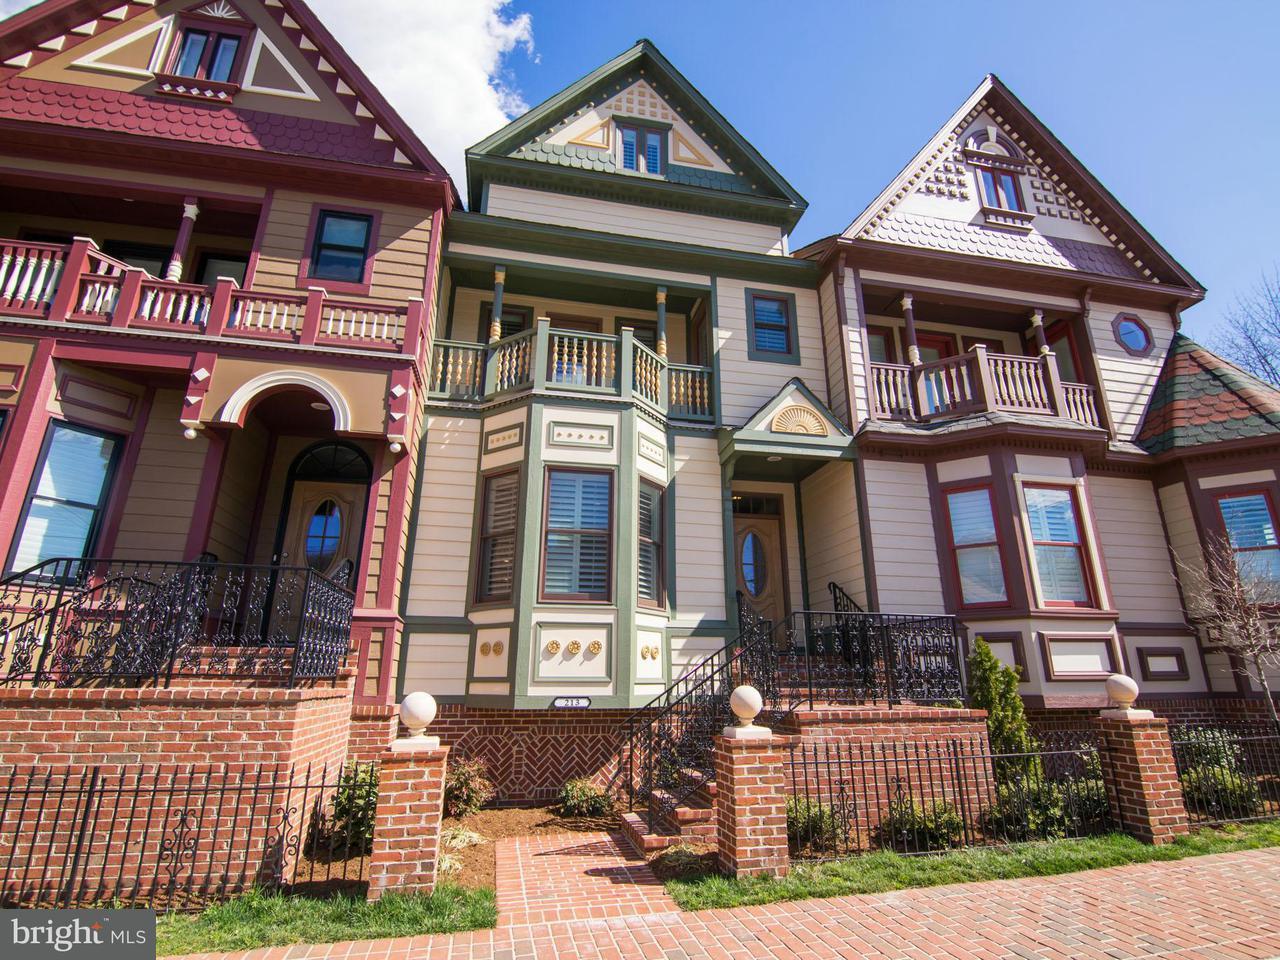 Σπίτι στην πόλη για την Πώληση στο 213 MILL ST #12 213 MILL ST #12 Occoquan, Βιρτζινια 22125 Ηνωμενεσ Πολιτειεσ